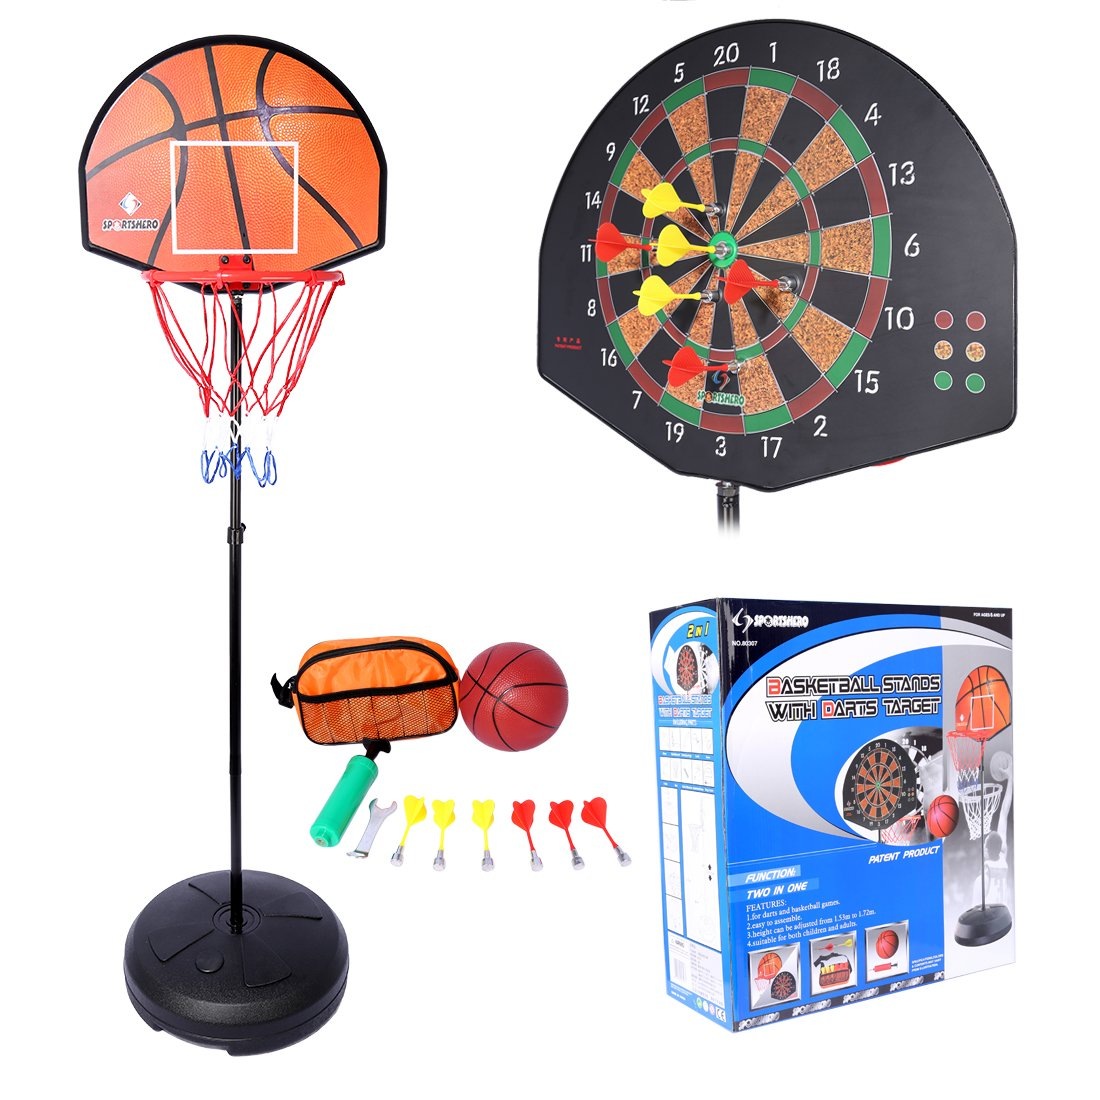 Lommer - Aro de baloncesto, 153 – 172 cm, ajustable, 2 en 1, soporte de baloncesto y aro, con tablero de dardos de pie para interiores y exteriores, juego de juguetes para niños y adolescentes, con tablero y dardos 153 - 172 cm